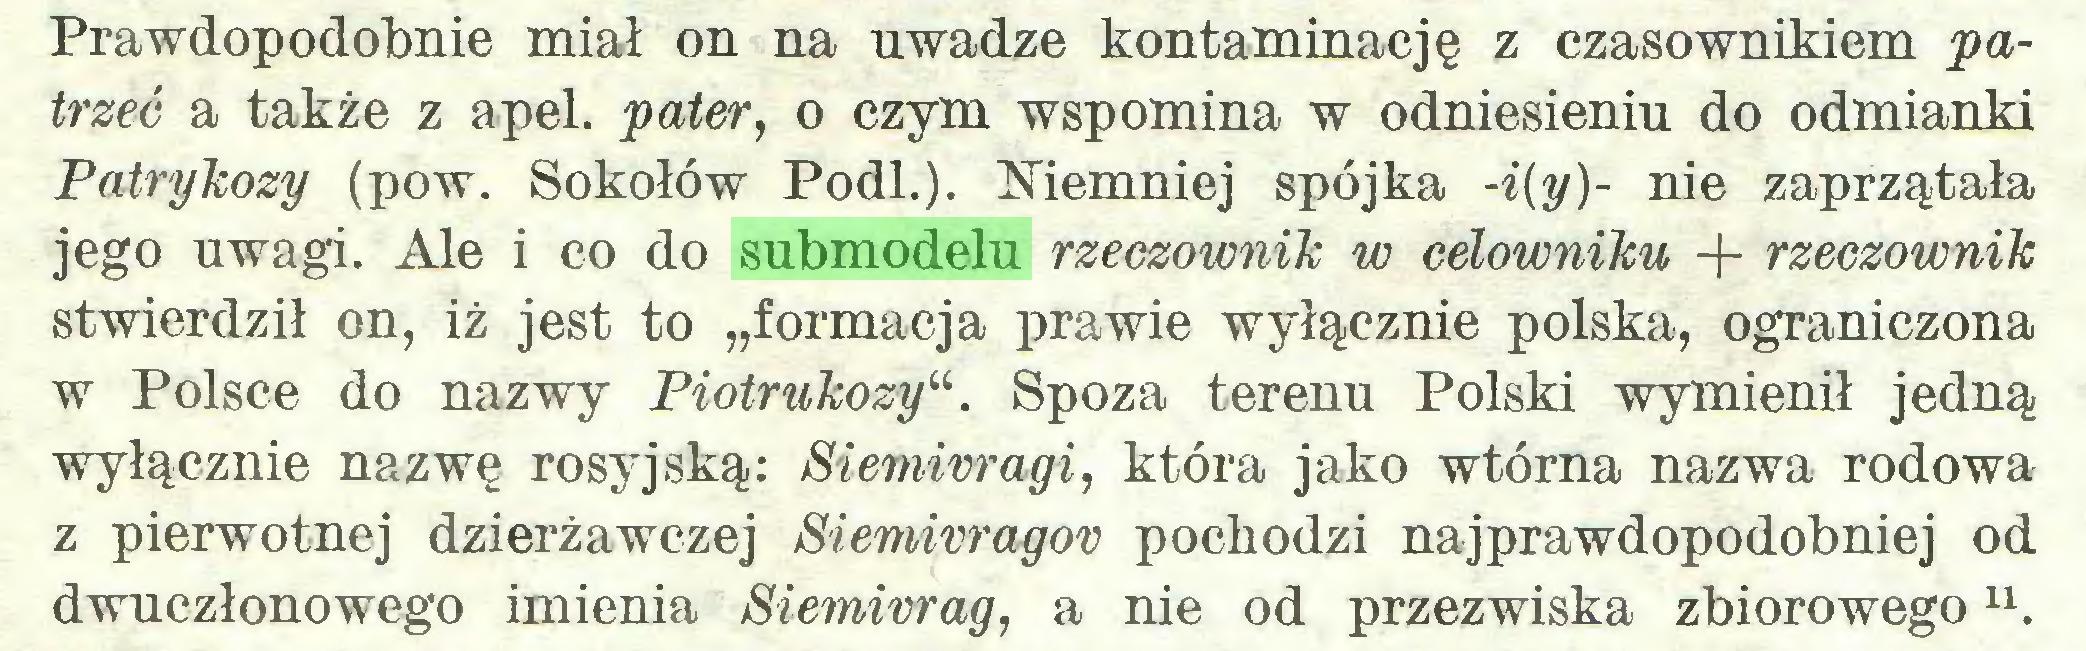 """(...) Prawdopodobnie miał on na uwadze kontaminację z czasownikiem patrzeć a także z apel. pater, o czym wspomina w odniesieniu do odmianki Patrykozy (pow. Sokołów Pódl.). Niemniej spójka -i{y)- nie zaprzątała jego uwagi. Ale i co do submodelu rzeczownik w celowniku + rzeczownik stwierdził on, iż jest to """"formacja prawie wyłącznie polska, ograniczona w Polsce do nazwy Piotrukozyli. Spoza terenu Polski wymienił jedną wyłącznie nazwę rosyjską: Siemivragi, która jako wtórna nazwa rodowa z pierwotnej dzierżawczej Siemivragov pochodzi najprawdopodobniej od dwuczłonowego imienia Siemivrag, a nie od przezwiska zbiorowegon..."""